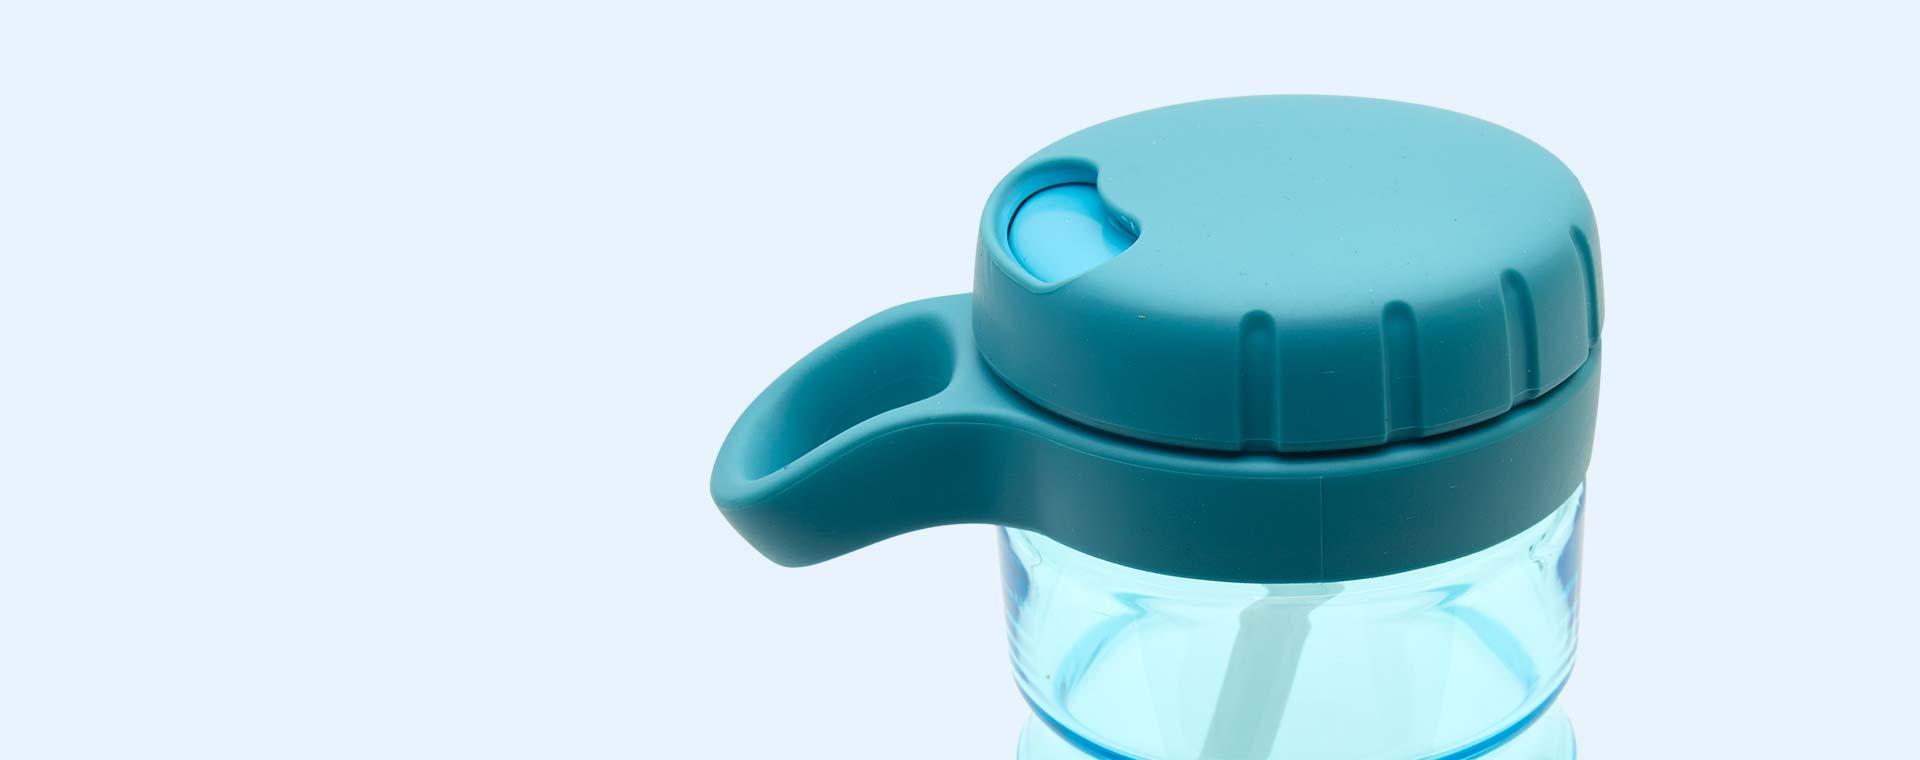 Aqua Oxo Tot Twist Top Water Bottle